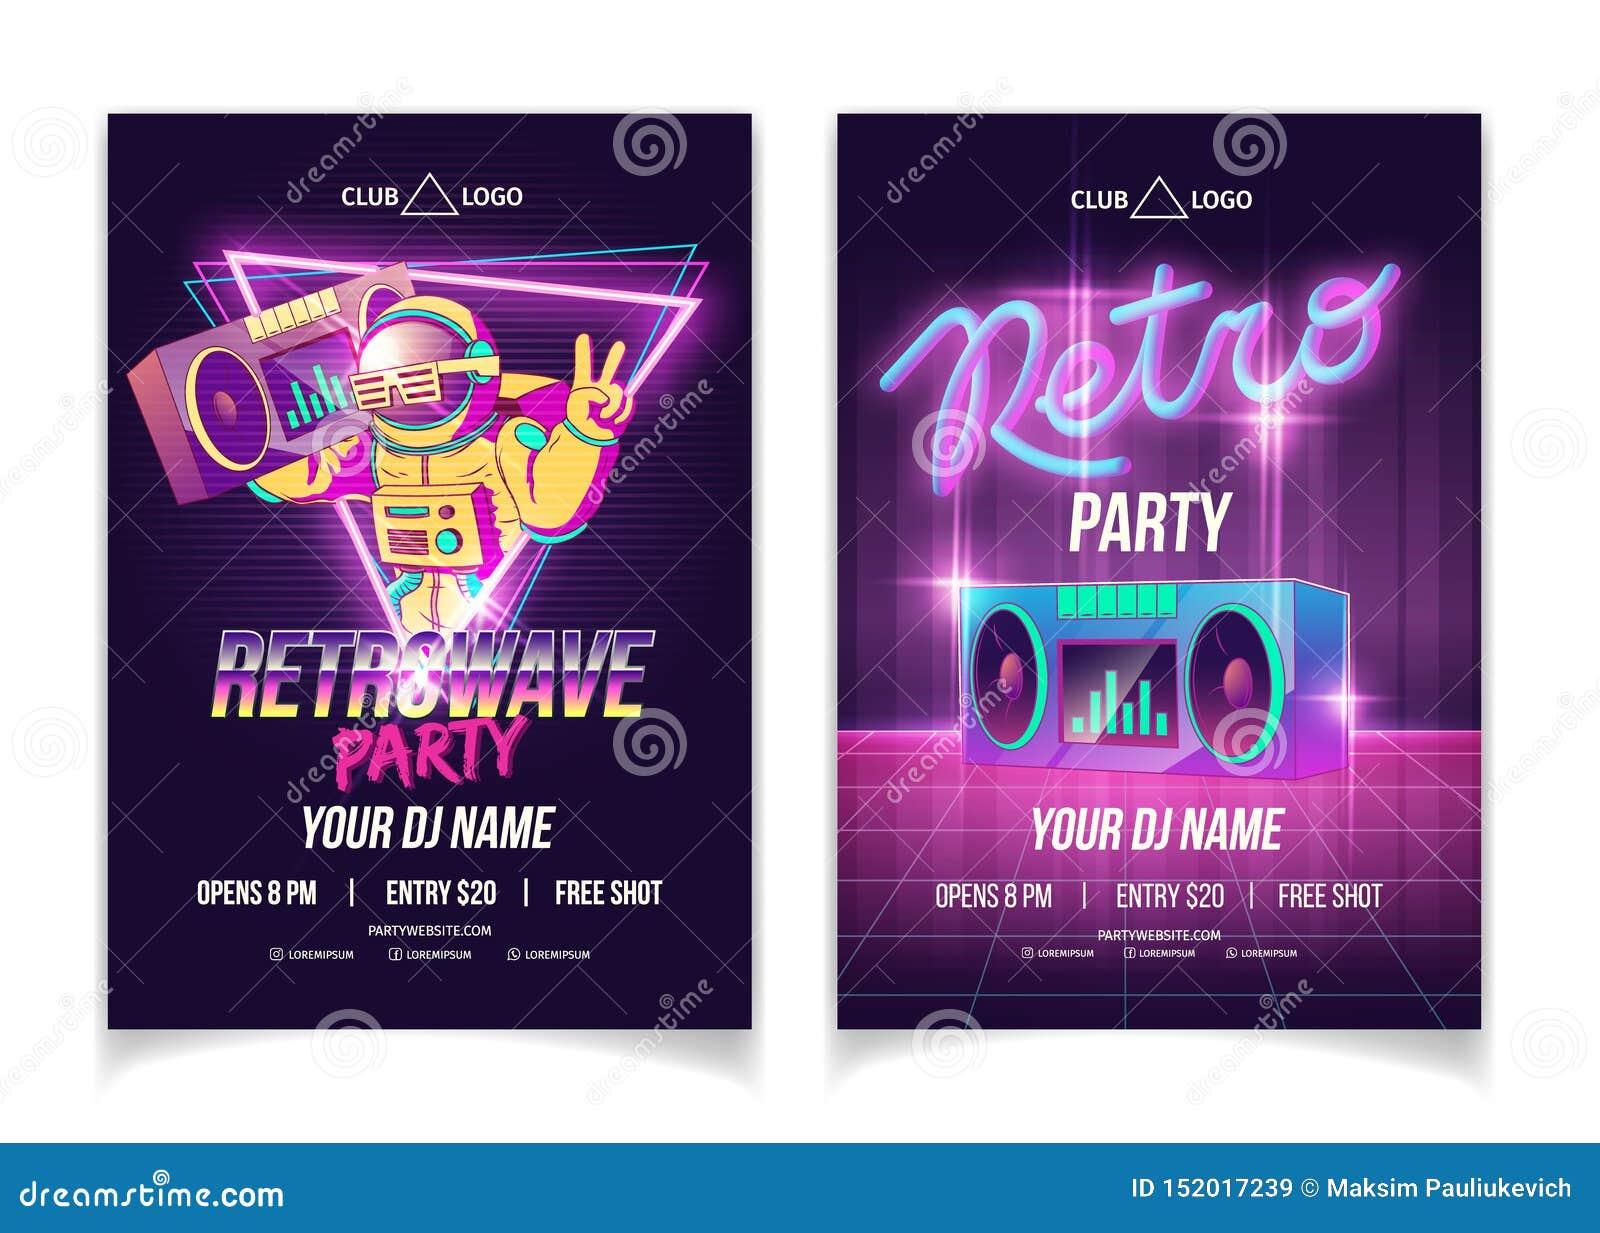 Скачать музыку бесплатно клуб для ночного клуба москва работа стрип клуб